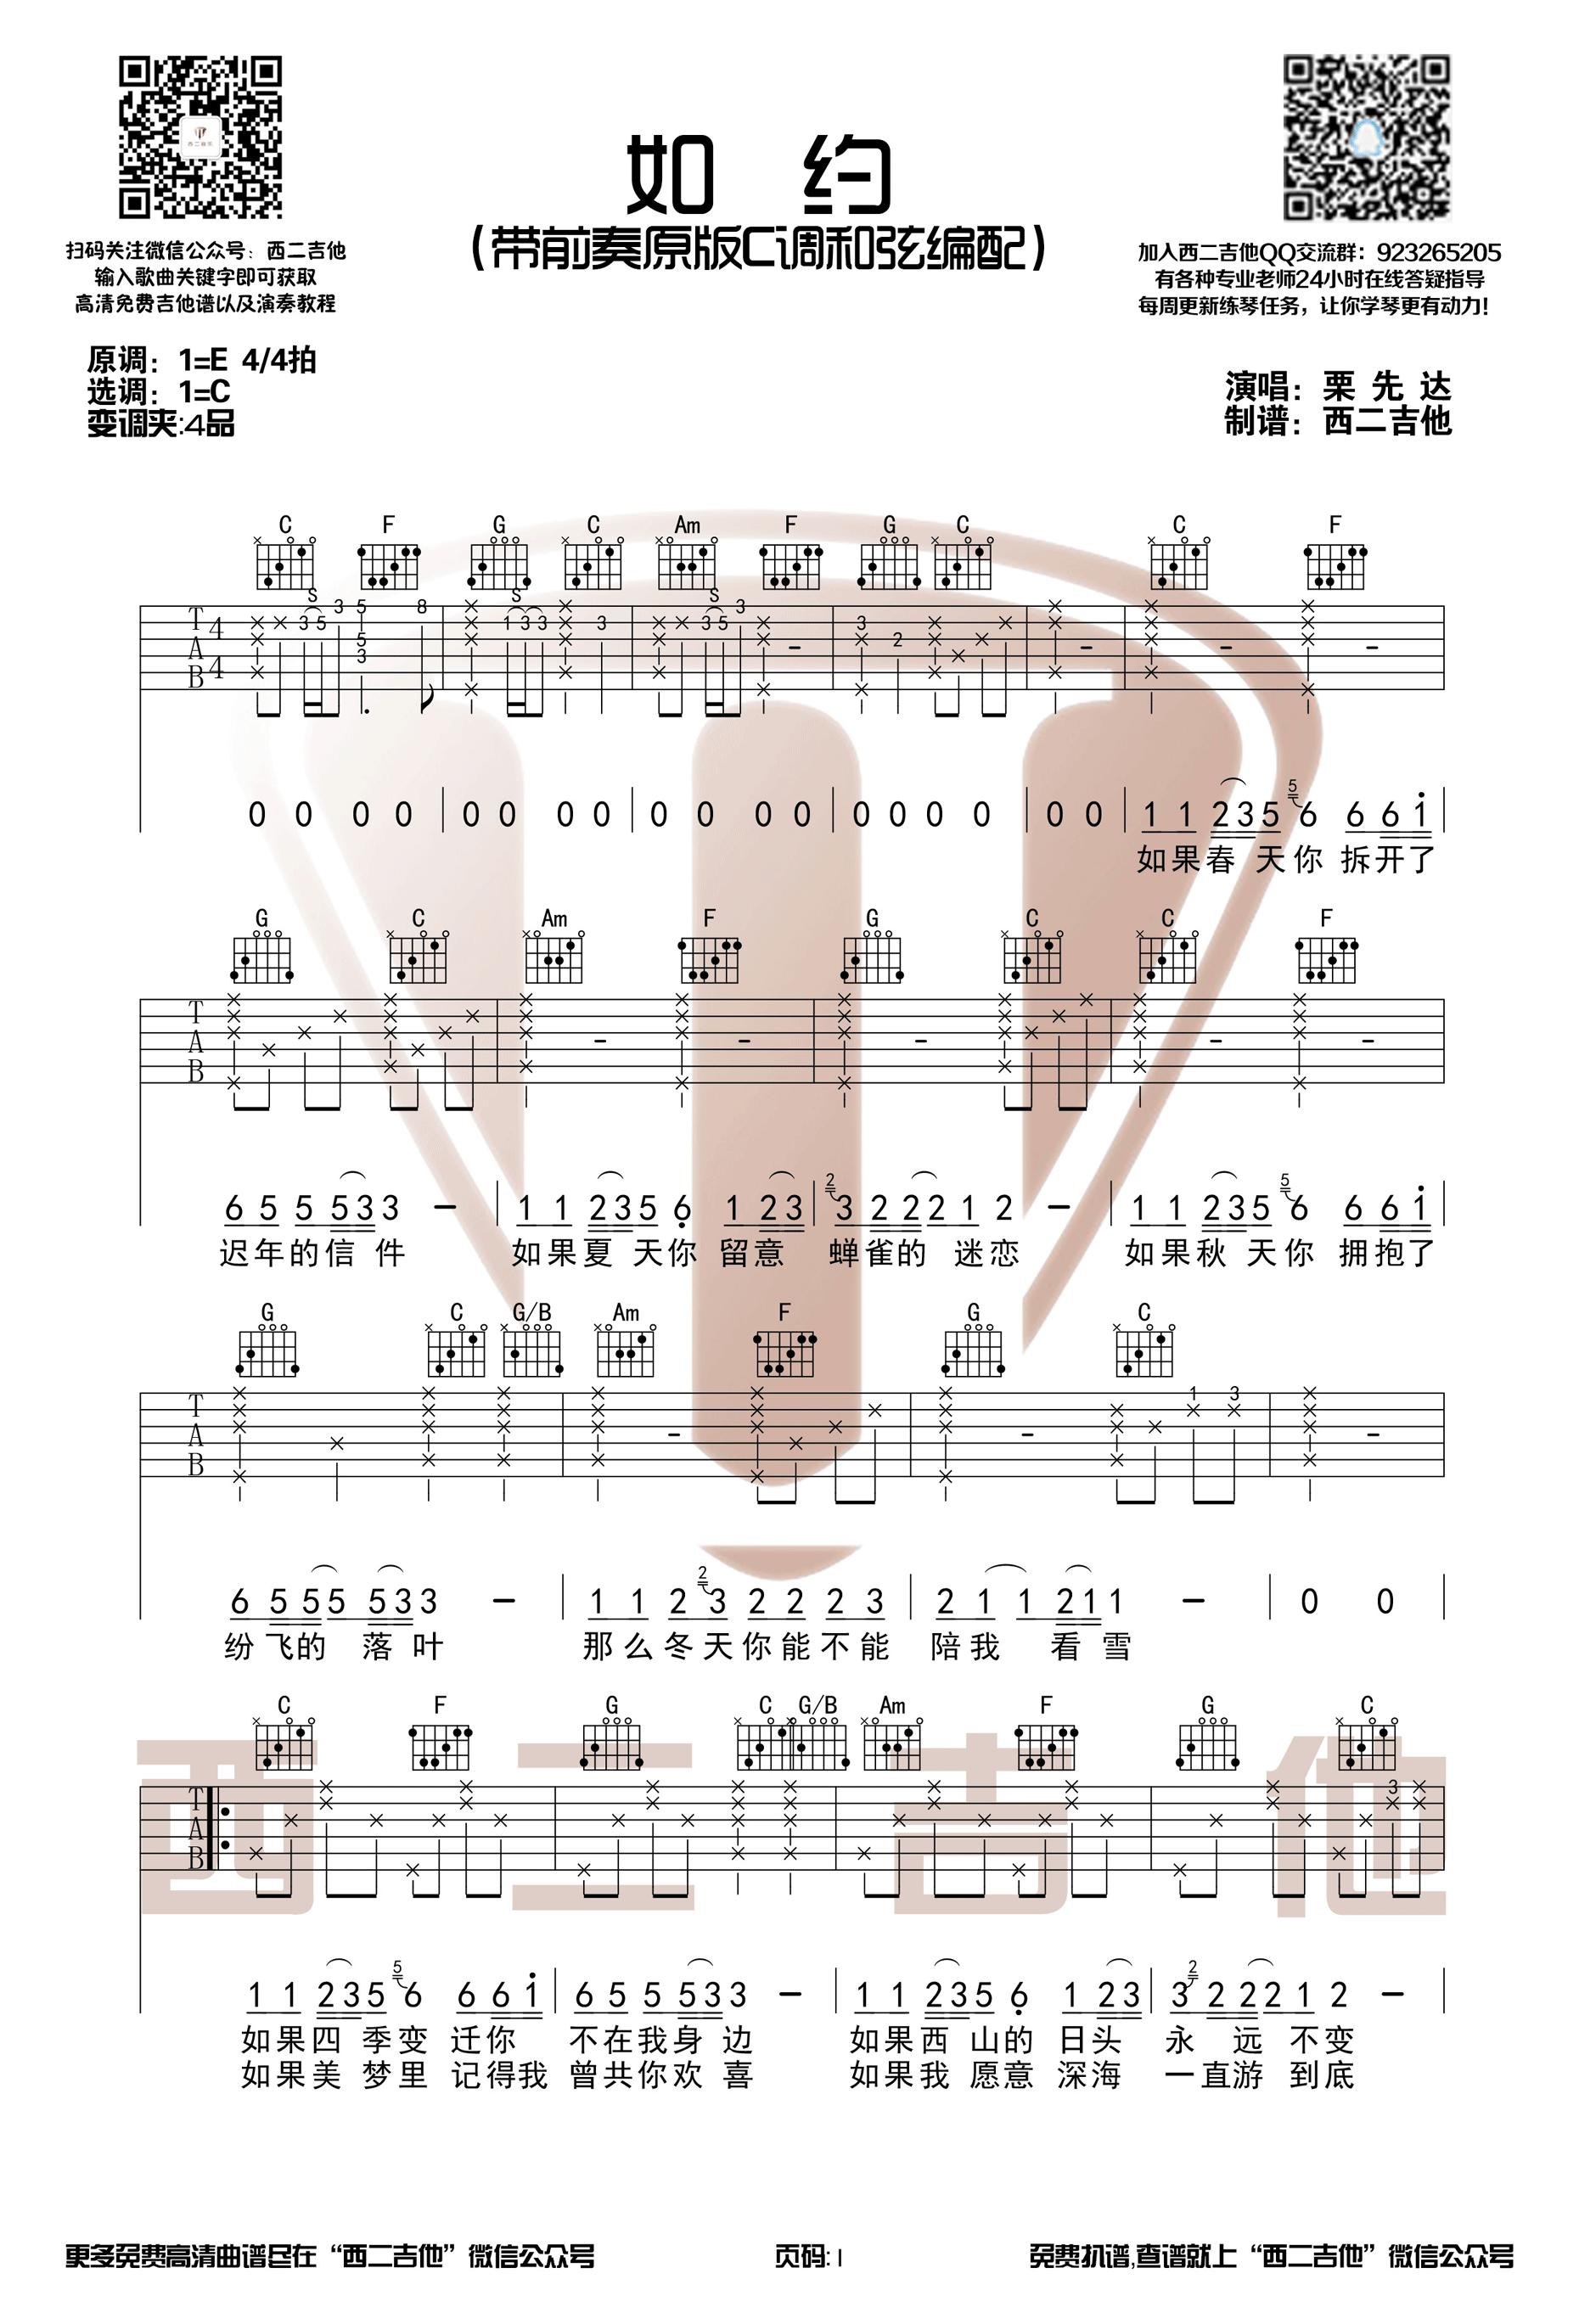 如約-慄先達-图片吉他谱-1